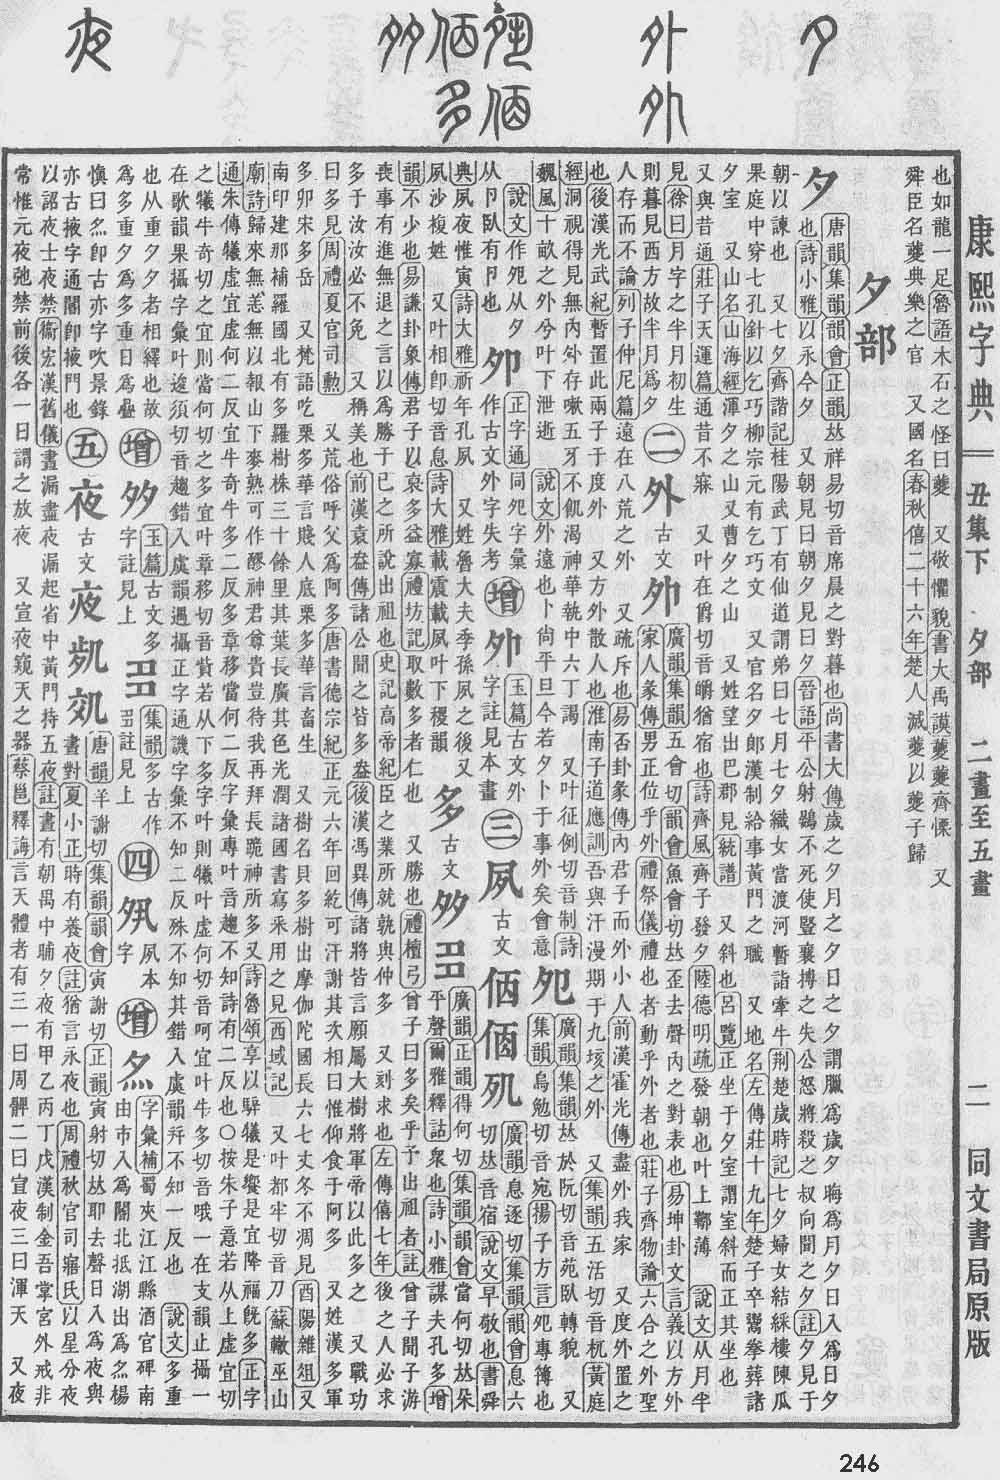 《康熙字典》第246页